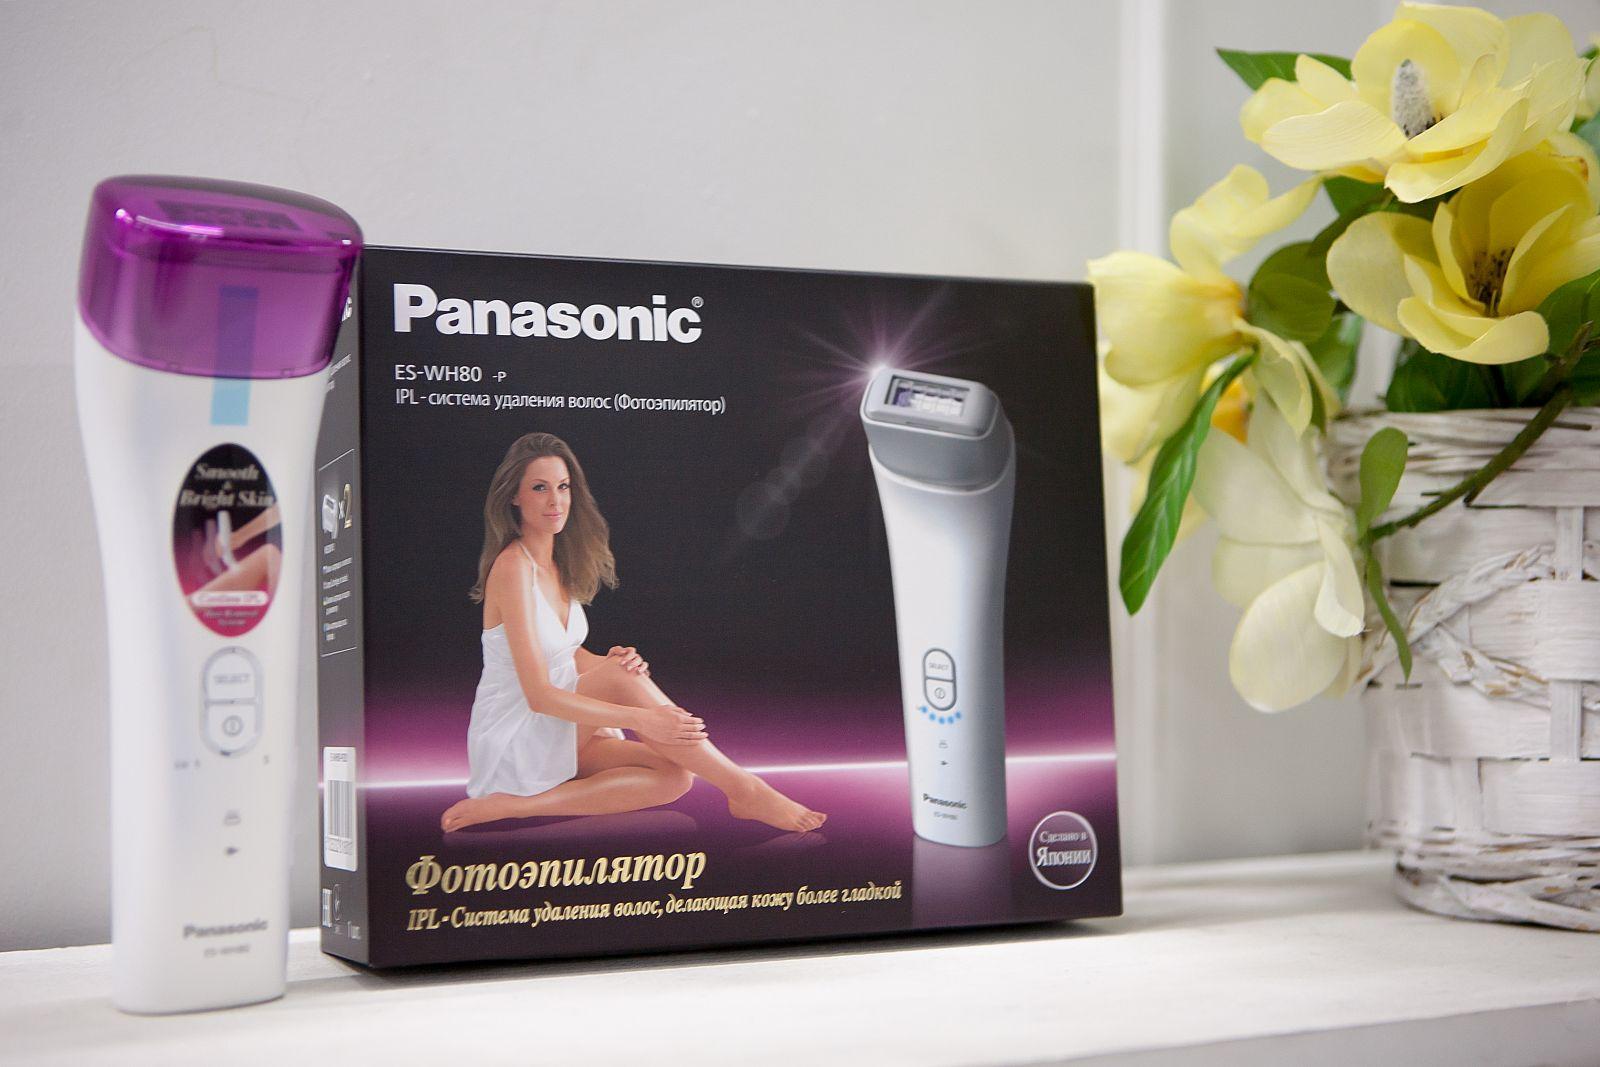 фотоэпилятор ES-WH80 Panasonic